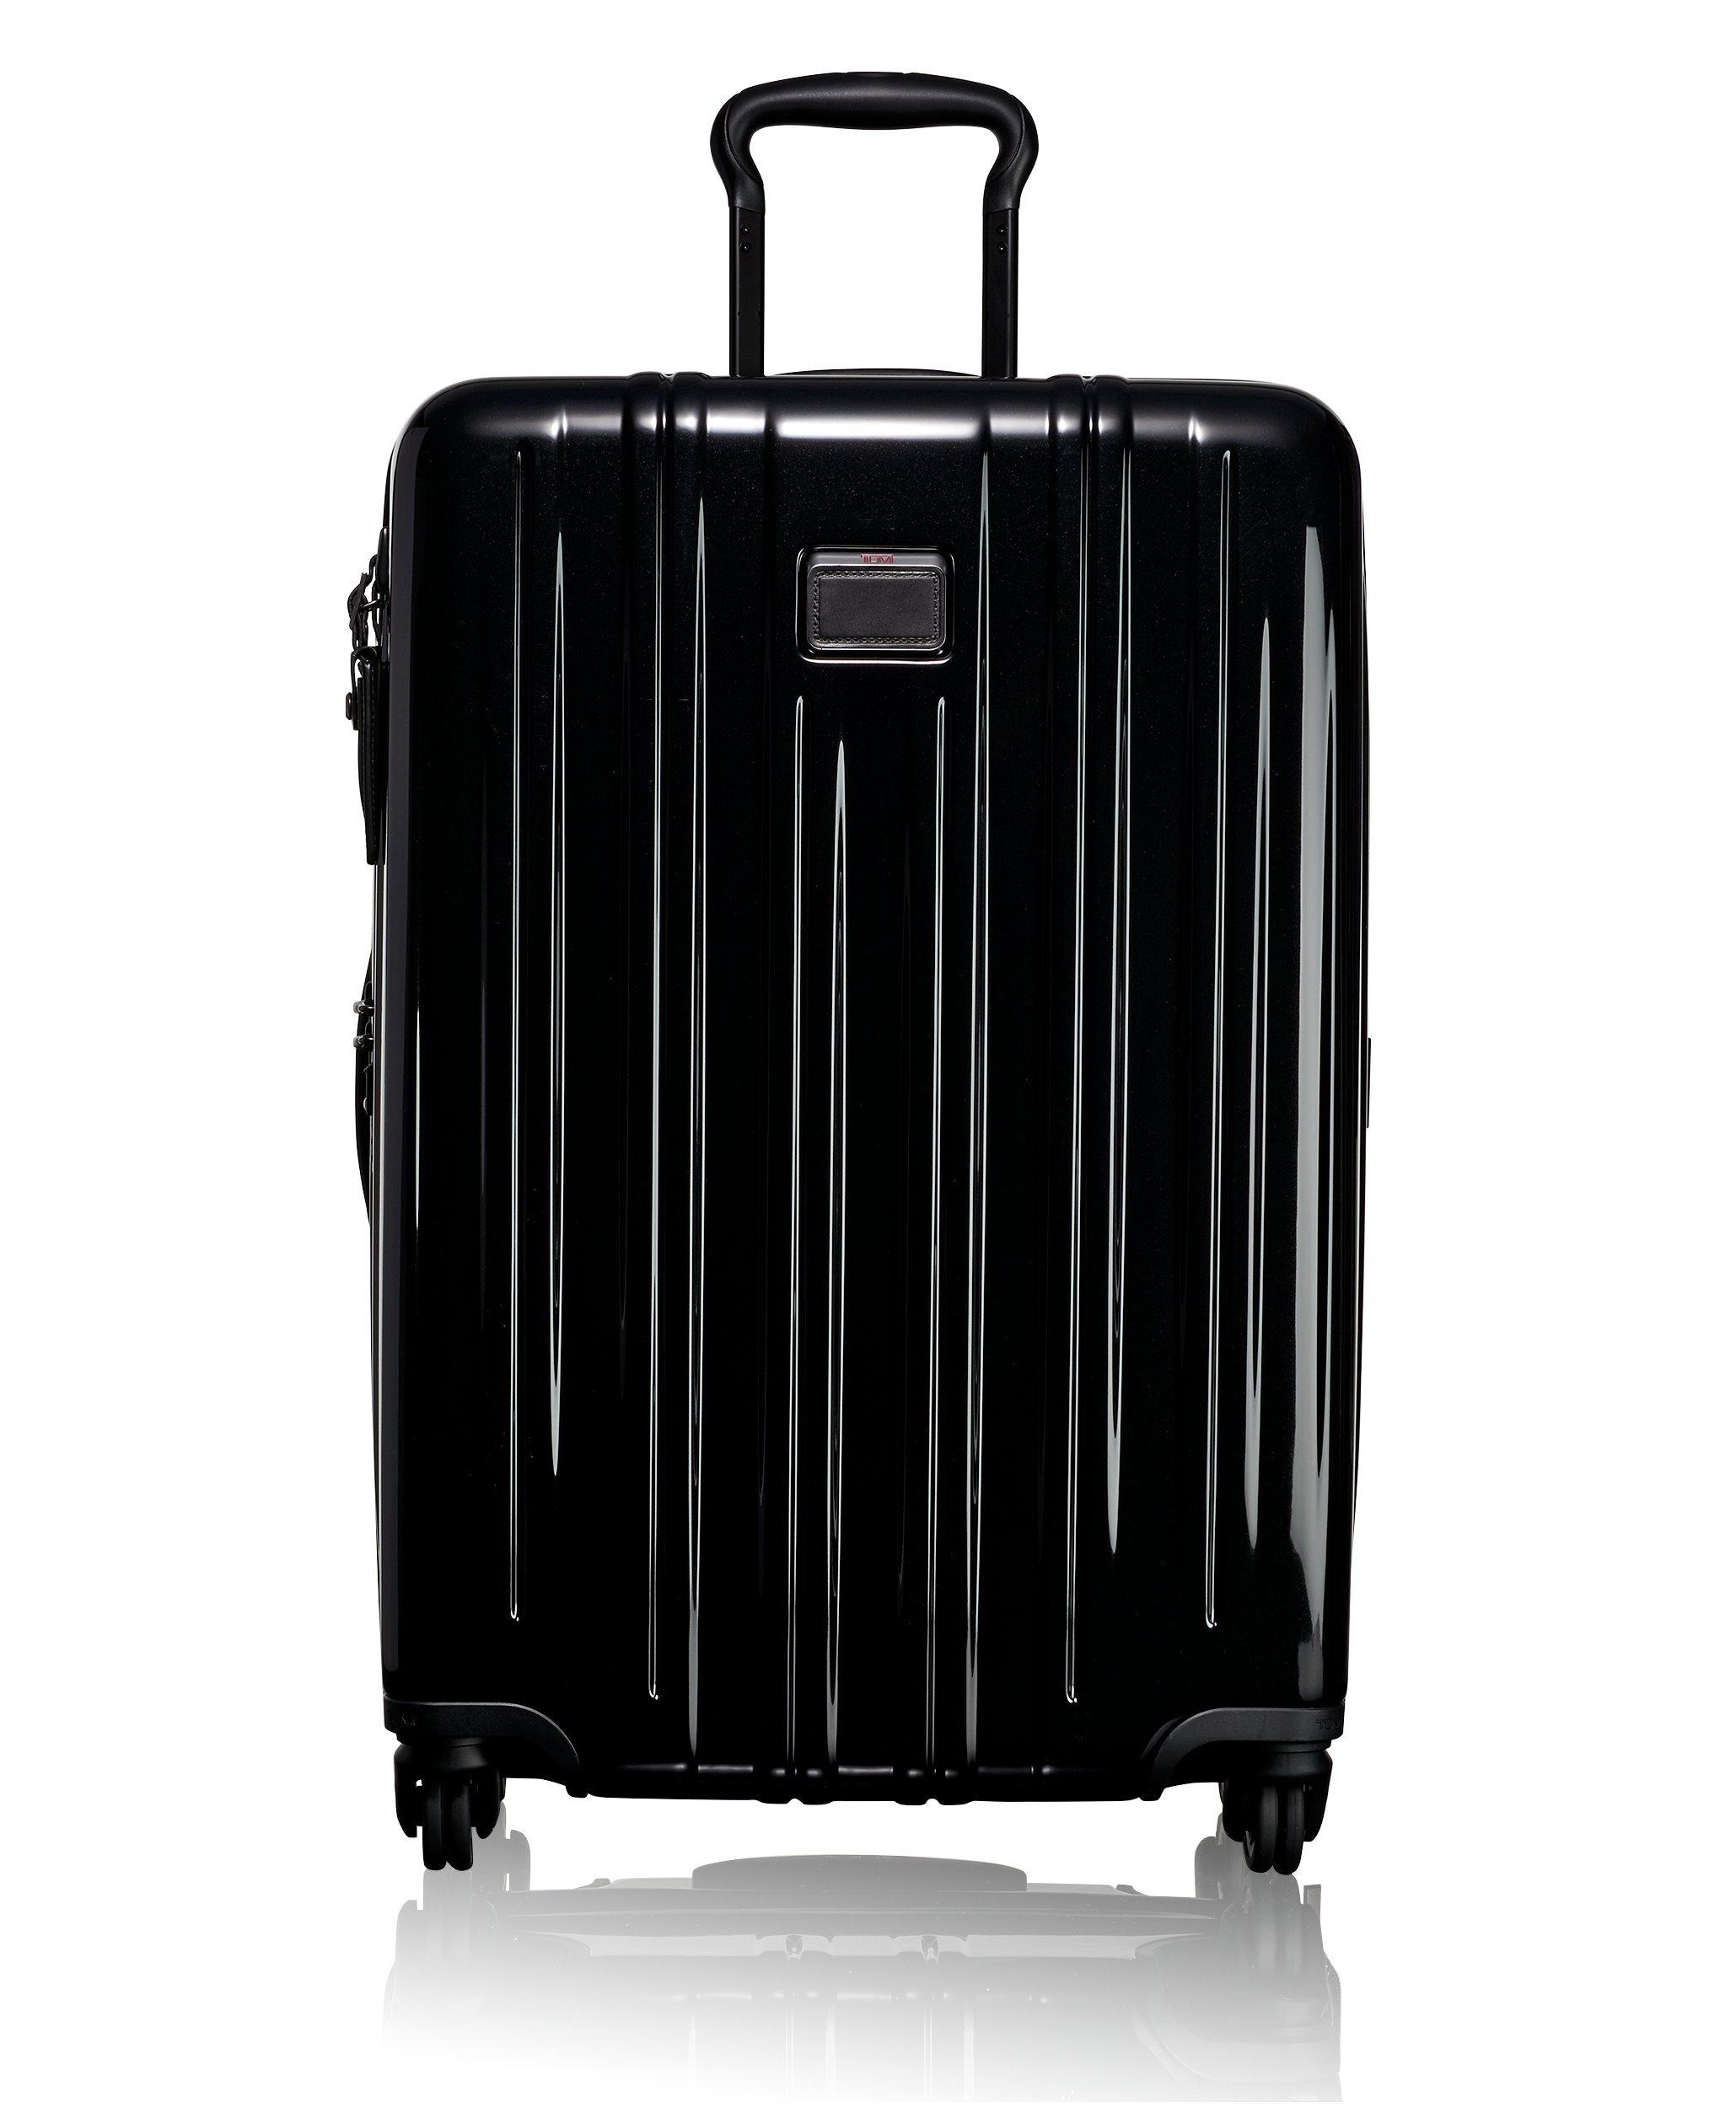 Tumi V3 Short Trip Expandable Packing Case, Black by Tumi